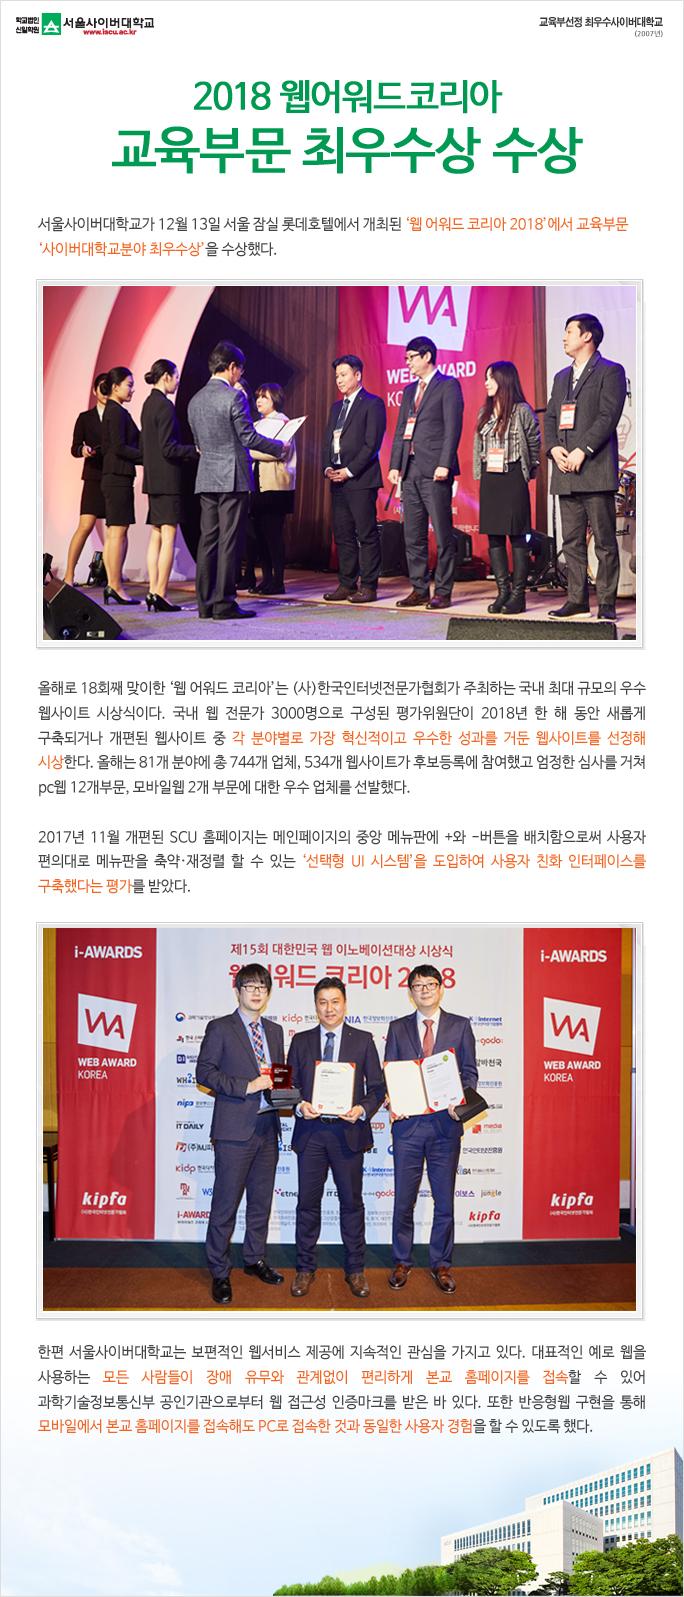 2018 웹어워드코리아 교육부문 최우수상 수상